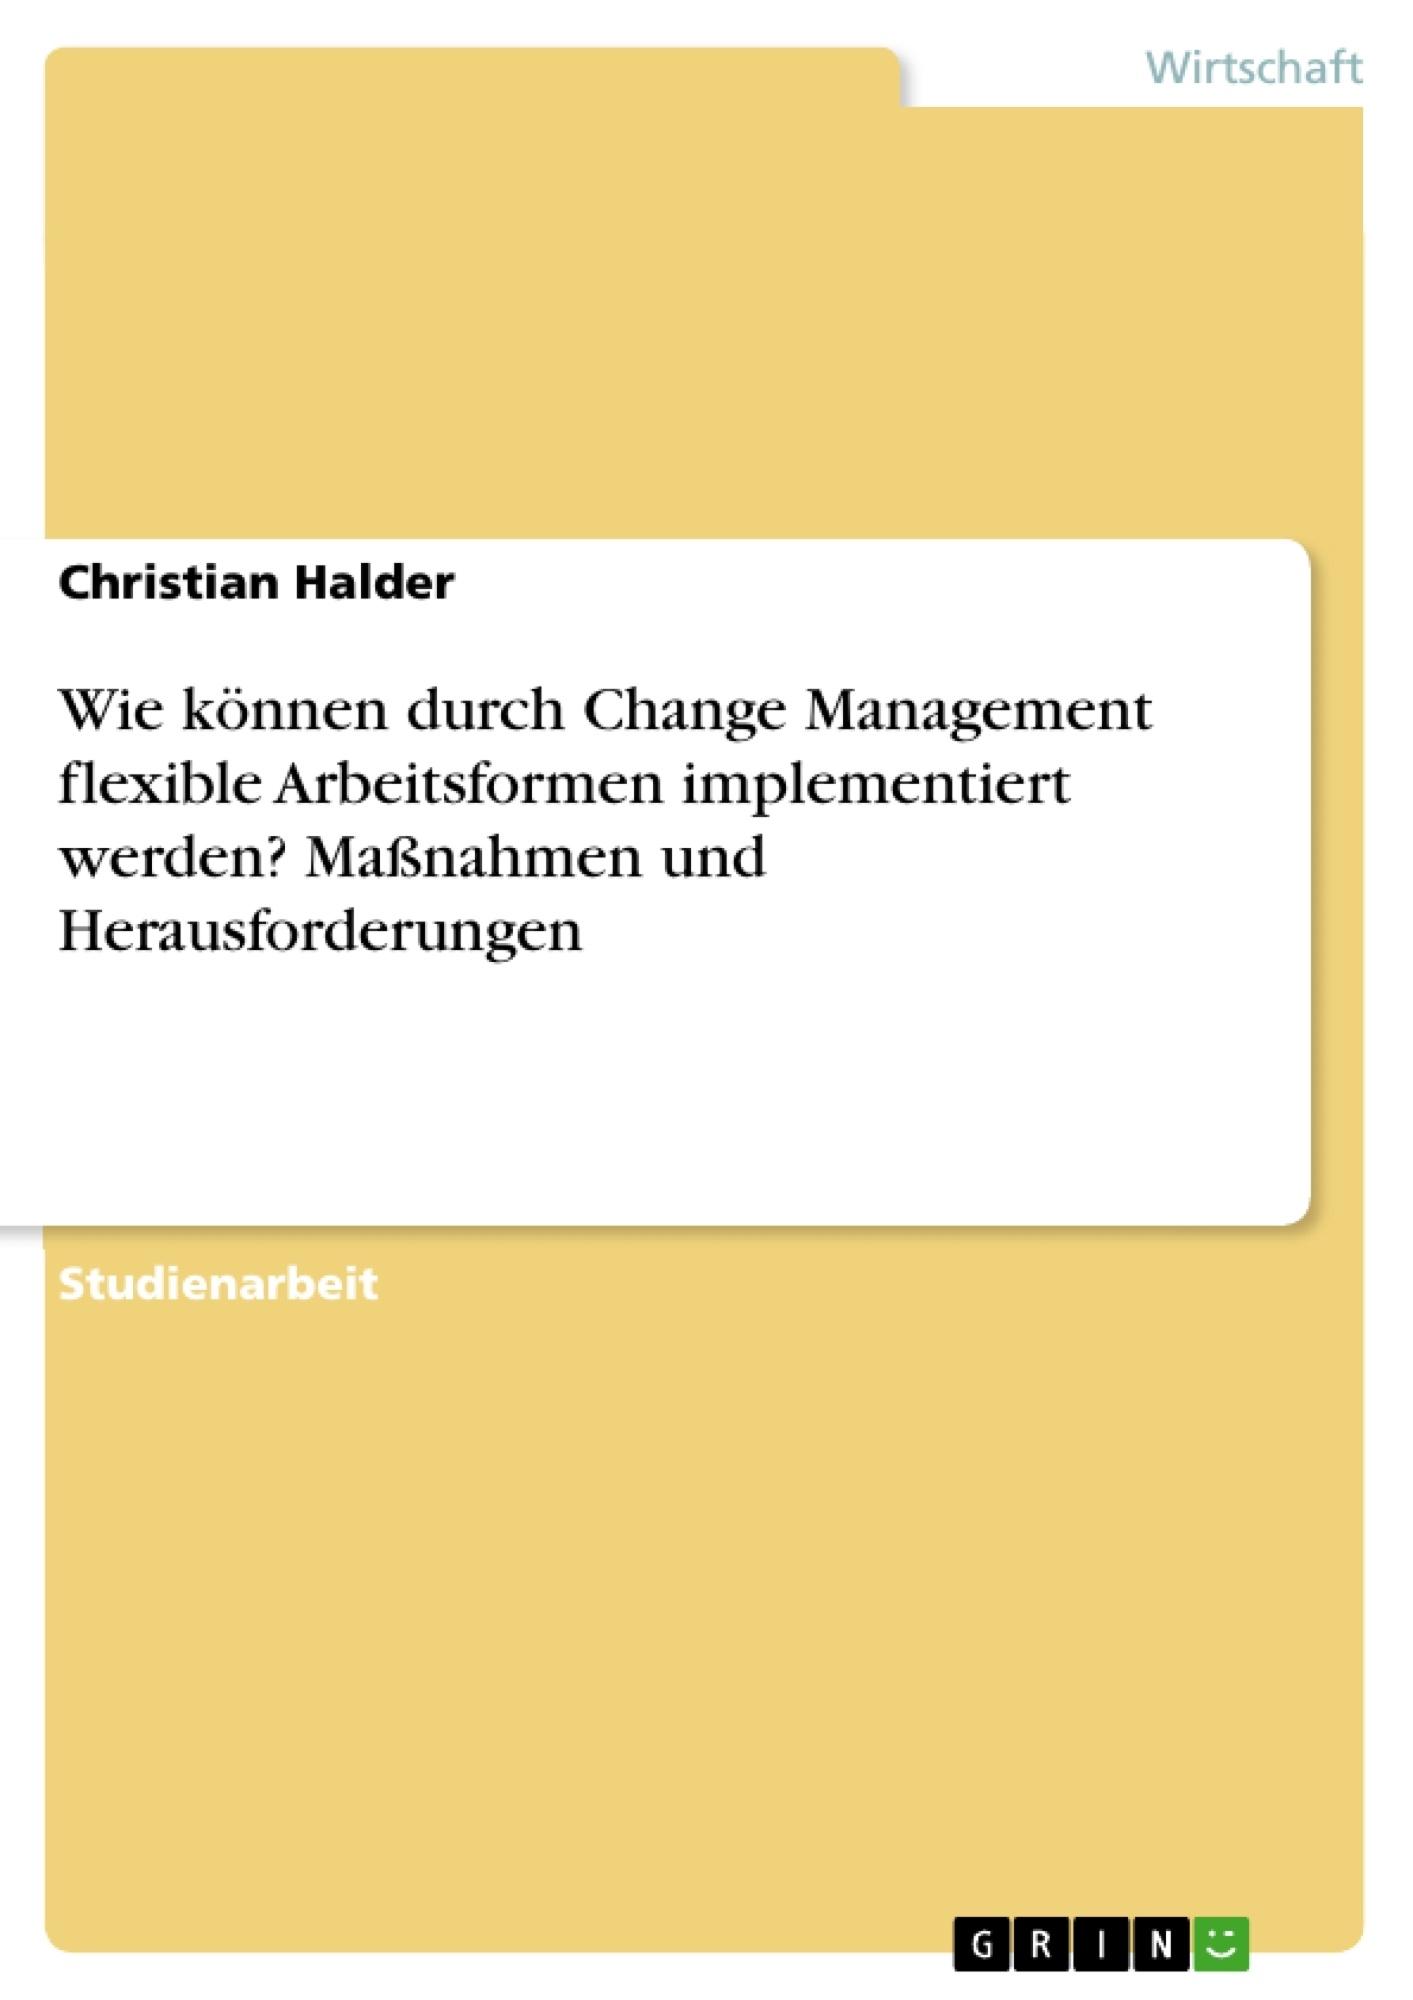 Titel: Wie können durch Change Management flexible Arbeitsformen implementiert werden? Maßnahmen und Herausforderungen